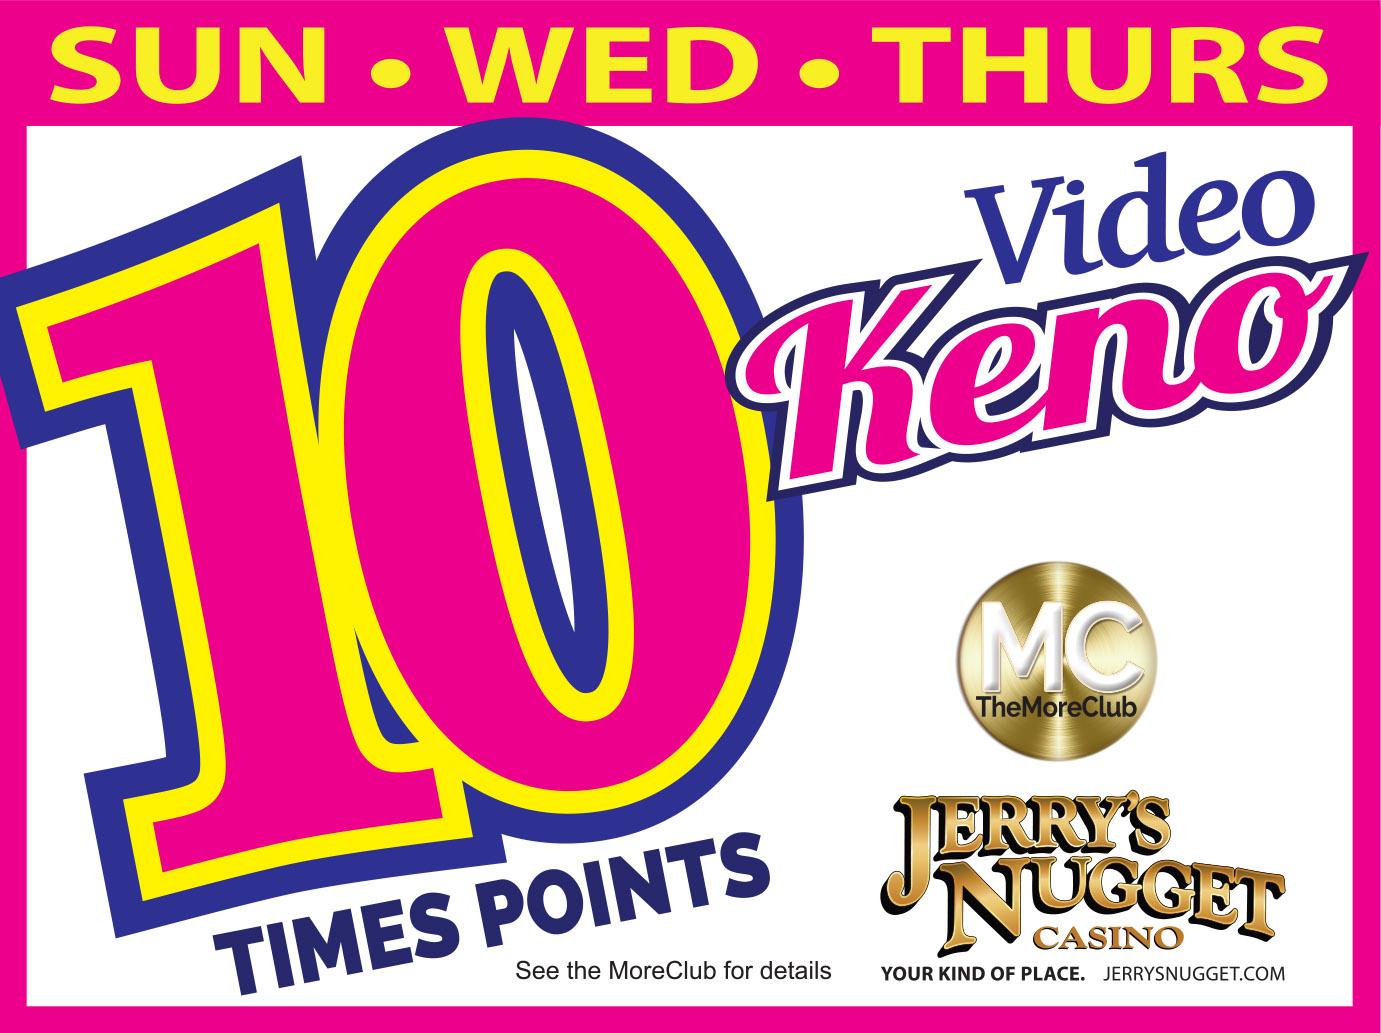 10x Points Video Keno